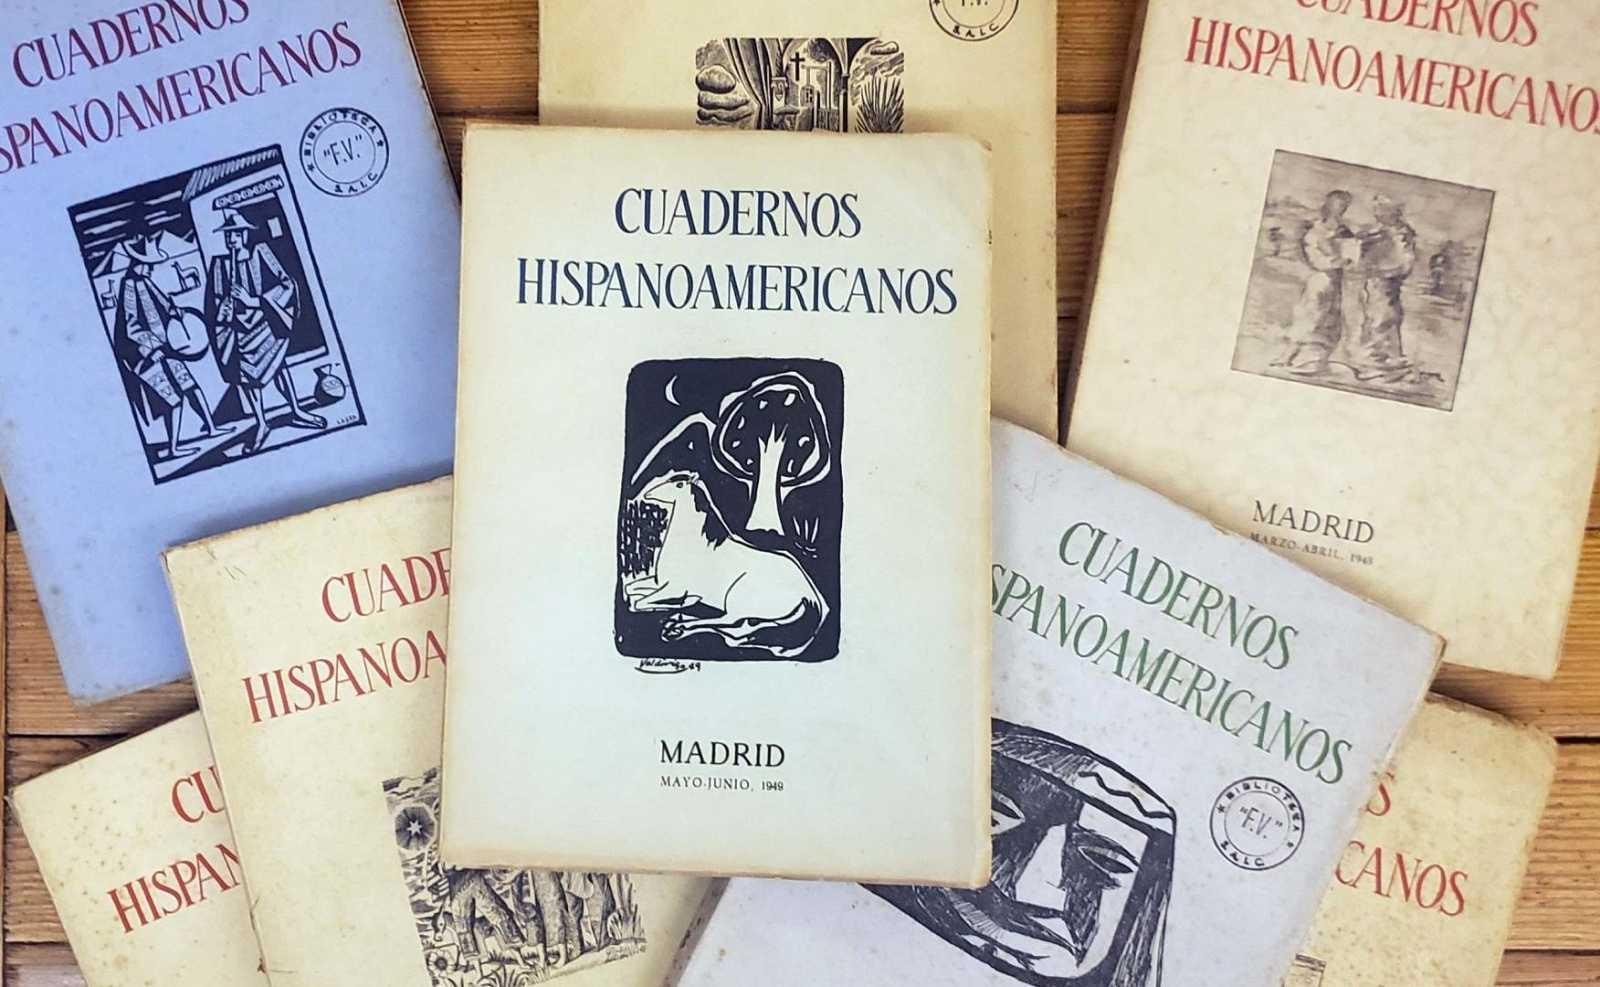 Efecto Doppler - La historia de Cuadernos Hispanoamericanos - 11/11/20 - escuchar ahora